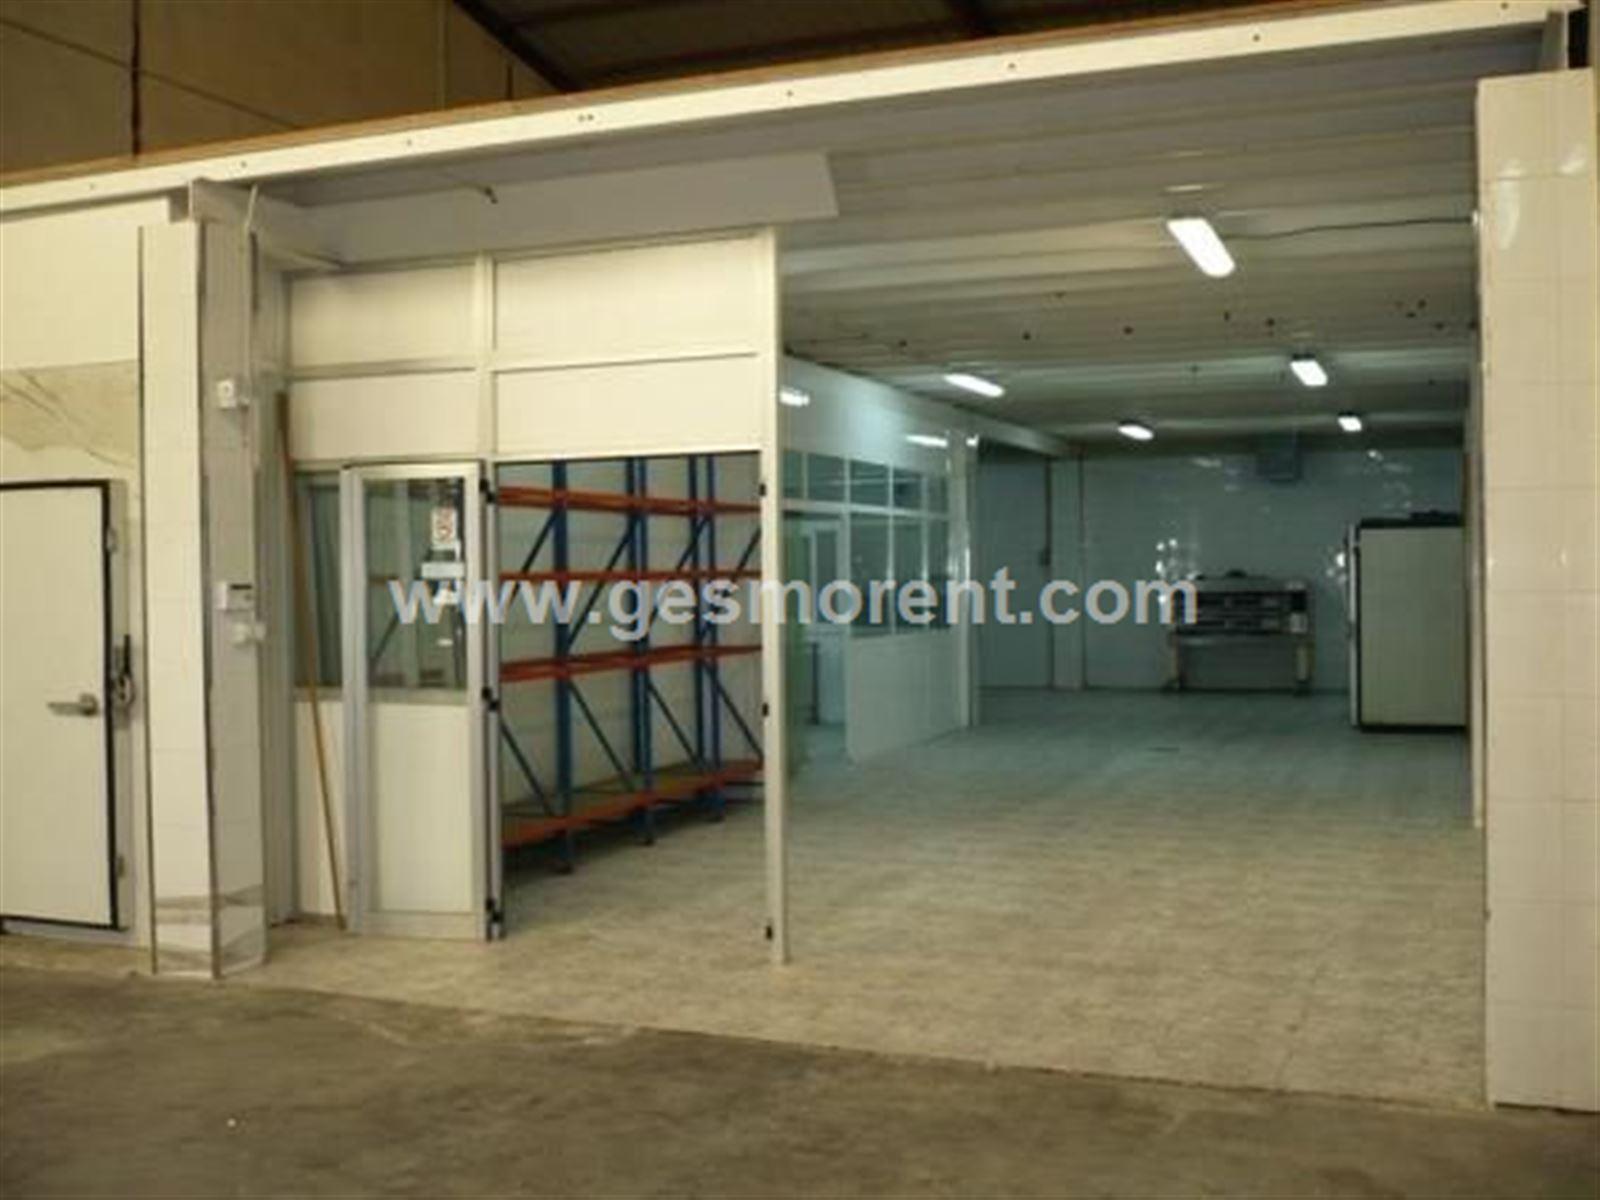 Nau industrial  Marratxi - polígono marratxi. Nave industrial en venta y alquiler de 250 m2 en polígono marrat